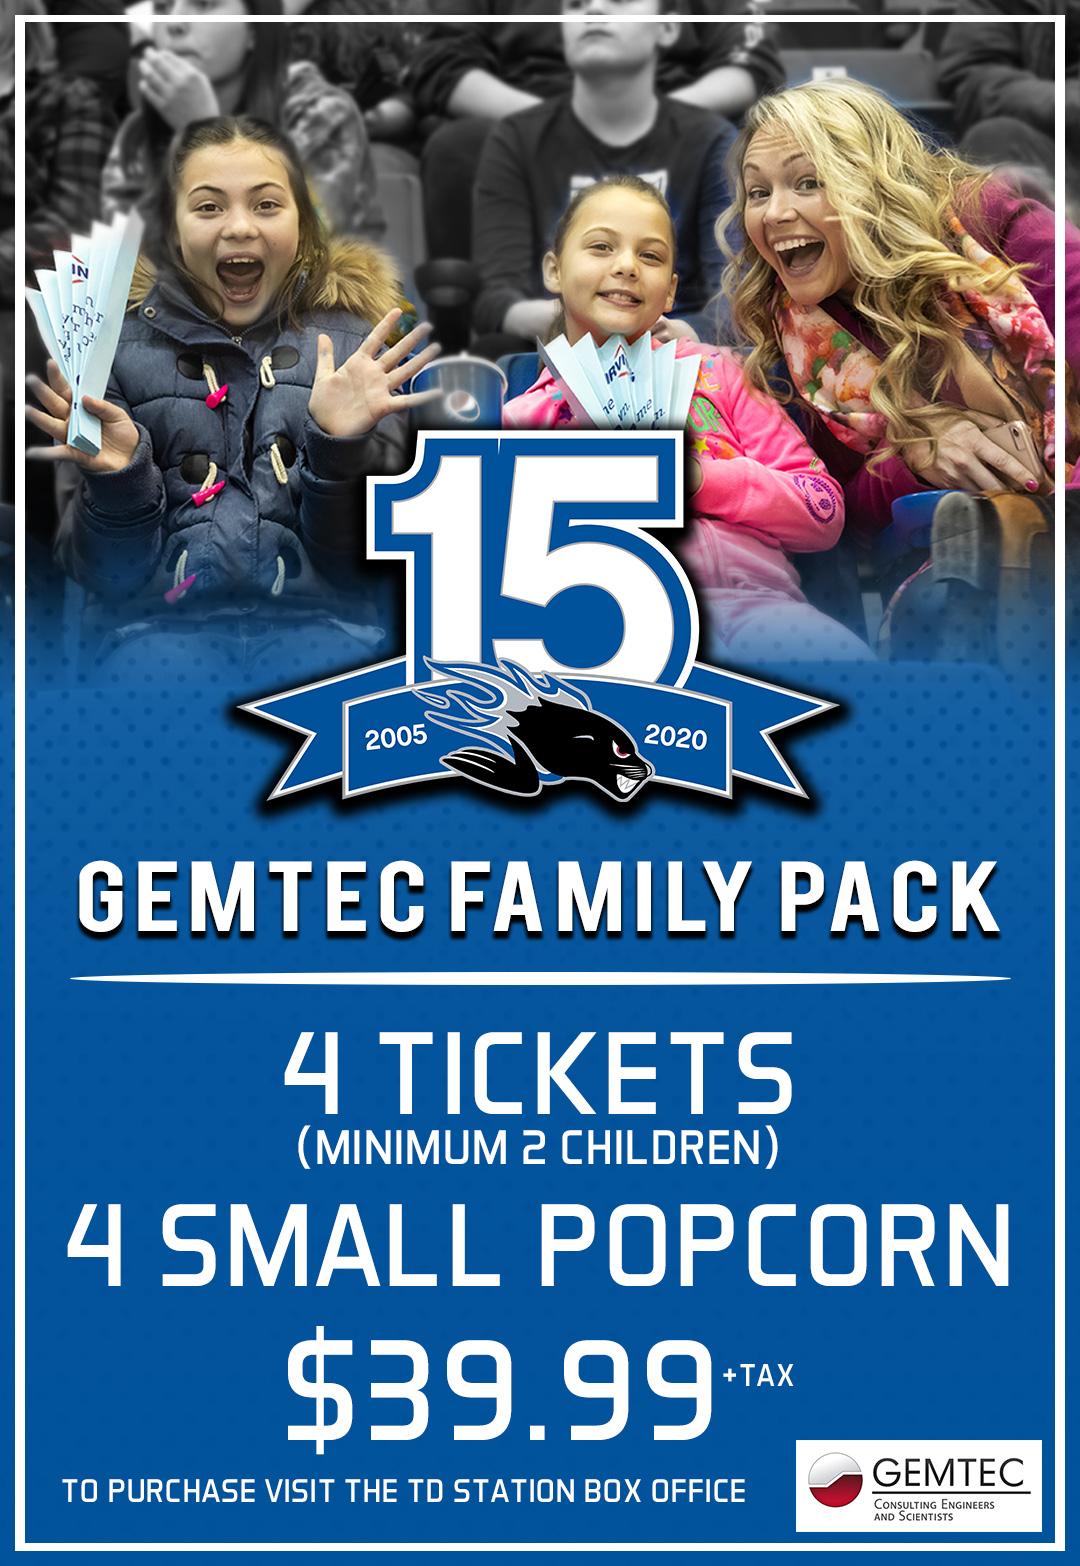 gemtec-family-pack